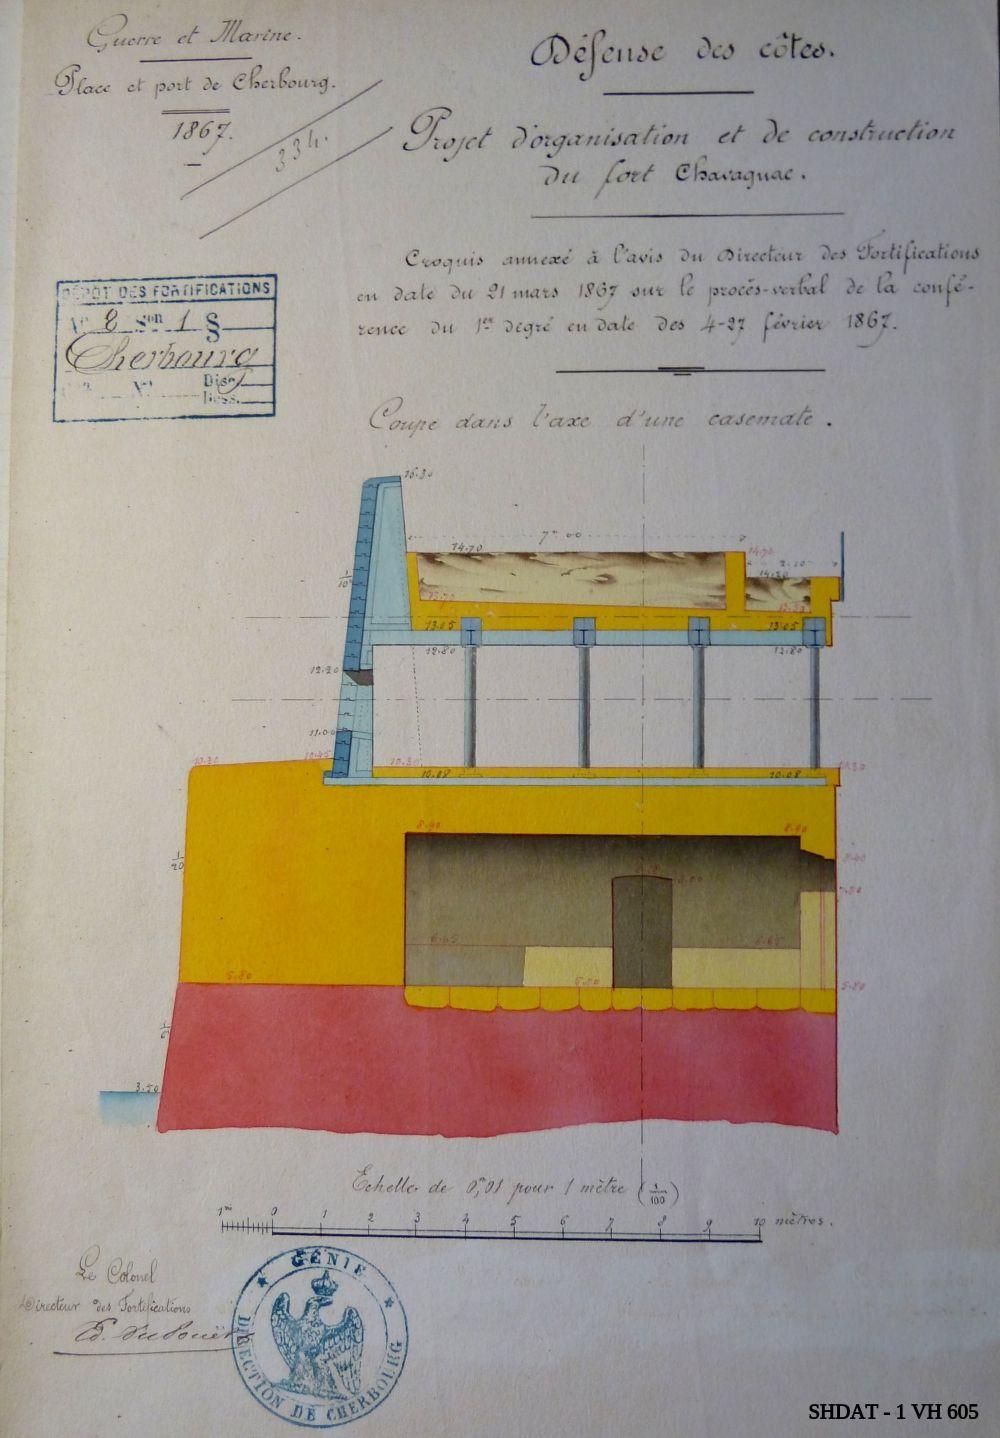 Fort Chavagnac : propositions diverses pour les cuirassements, février-mars 1867 (© Service historique de la Défense)